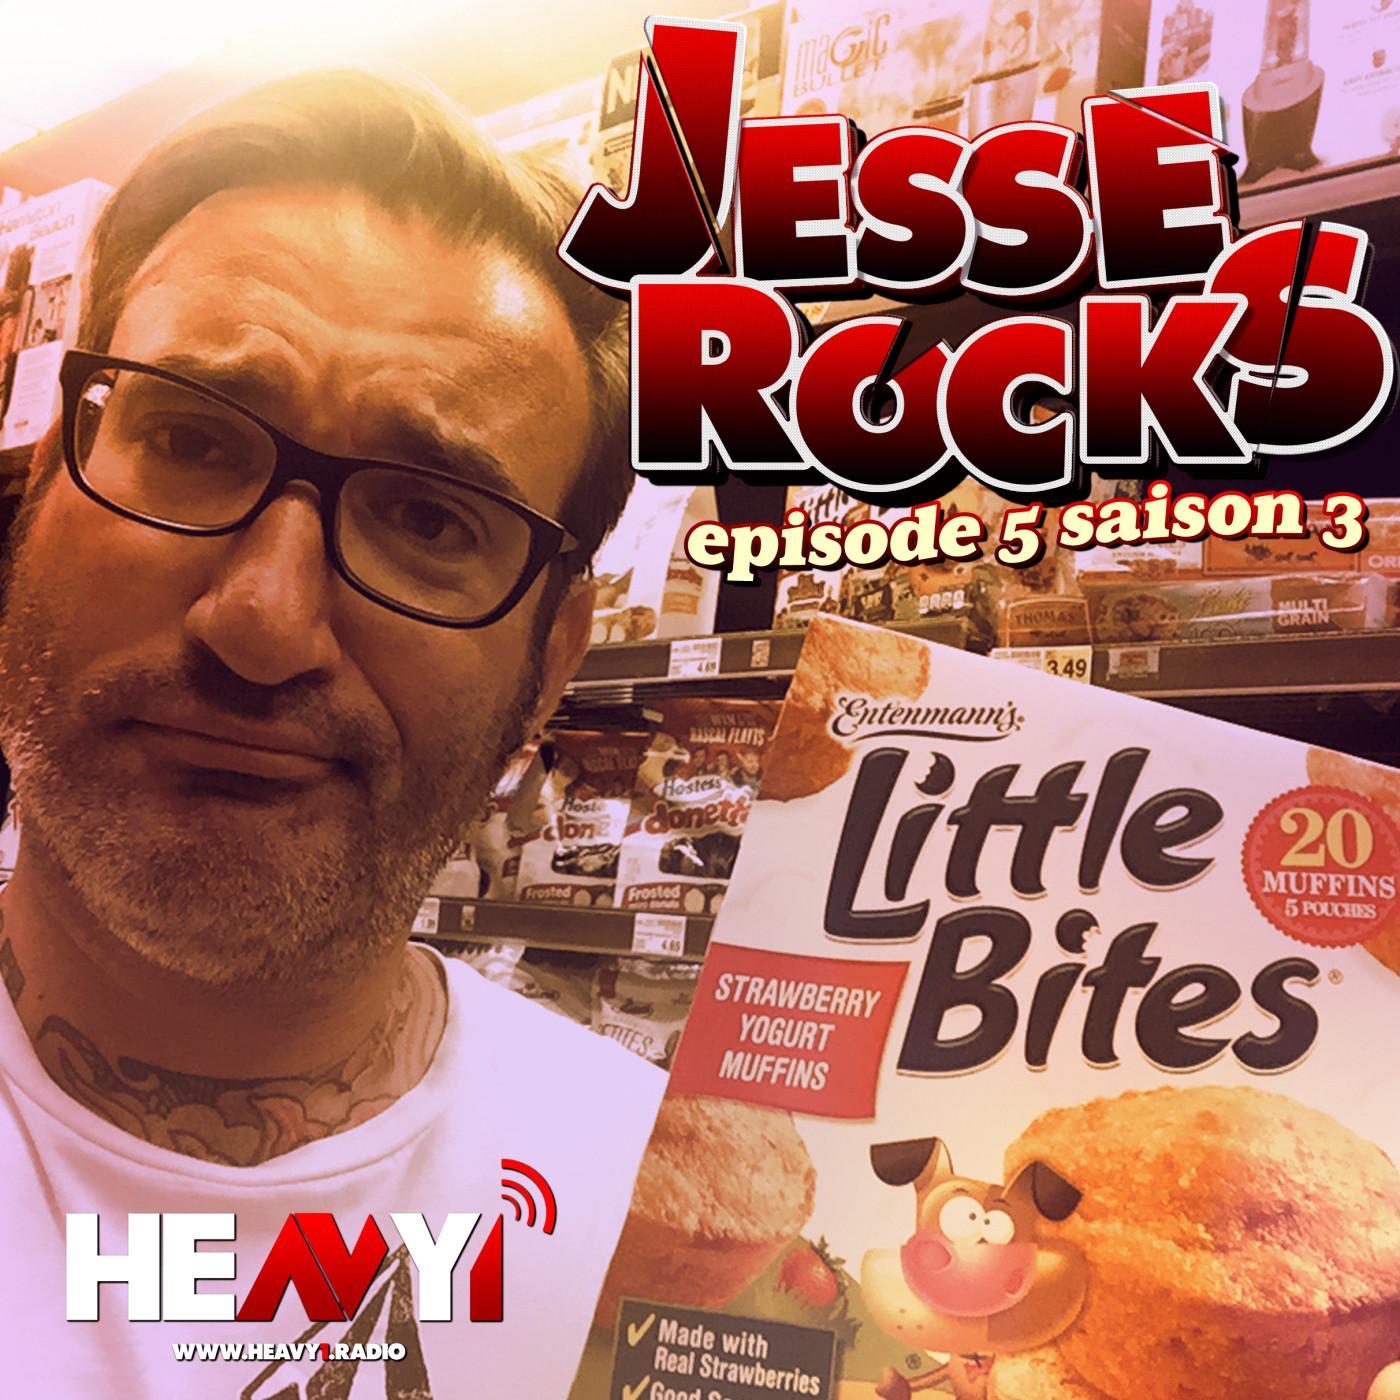 Jesse Rocks #05 Saison 3